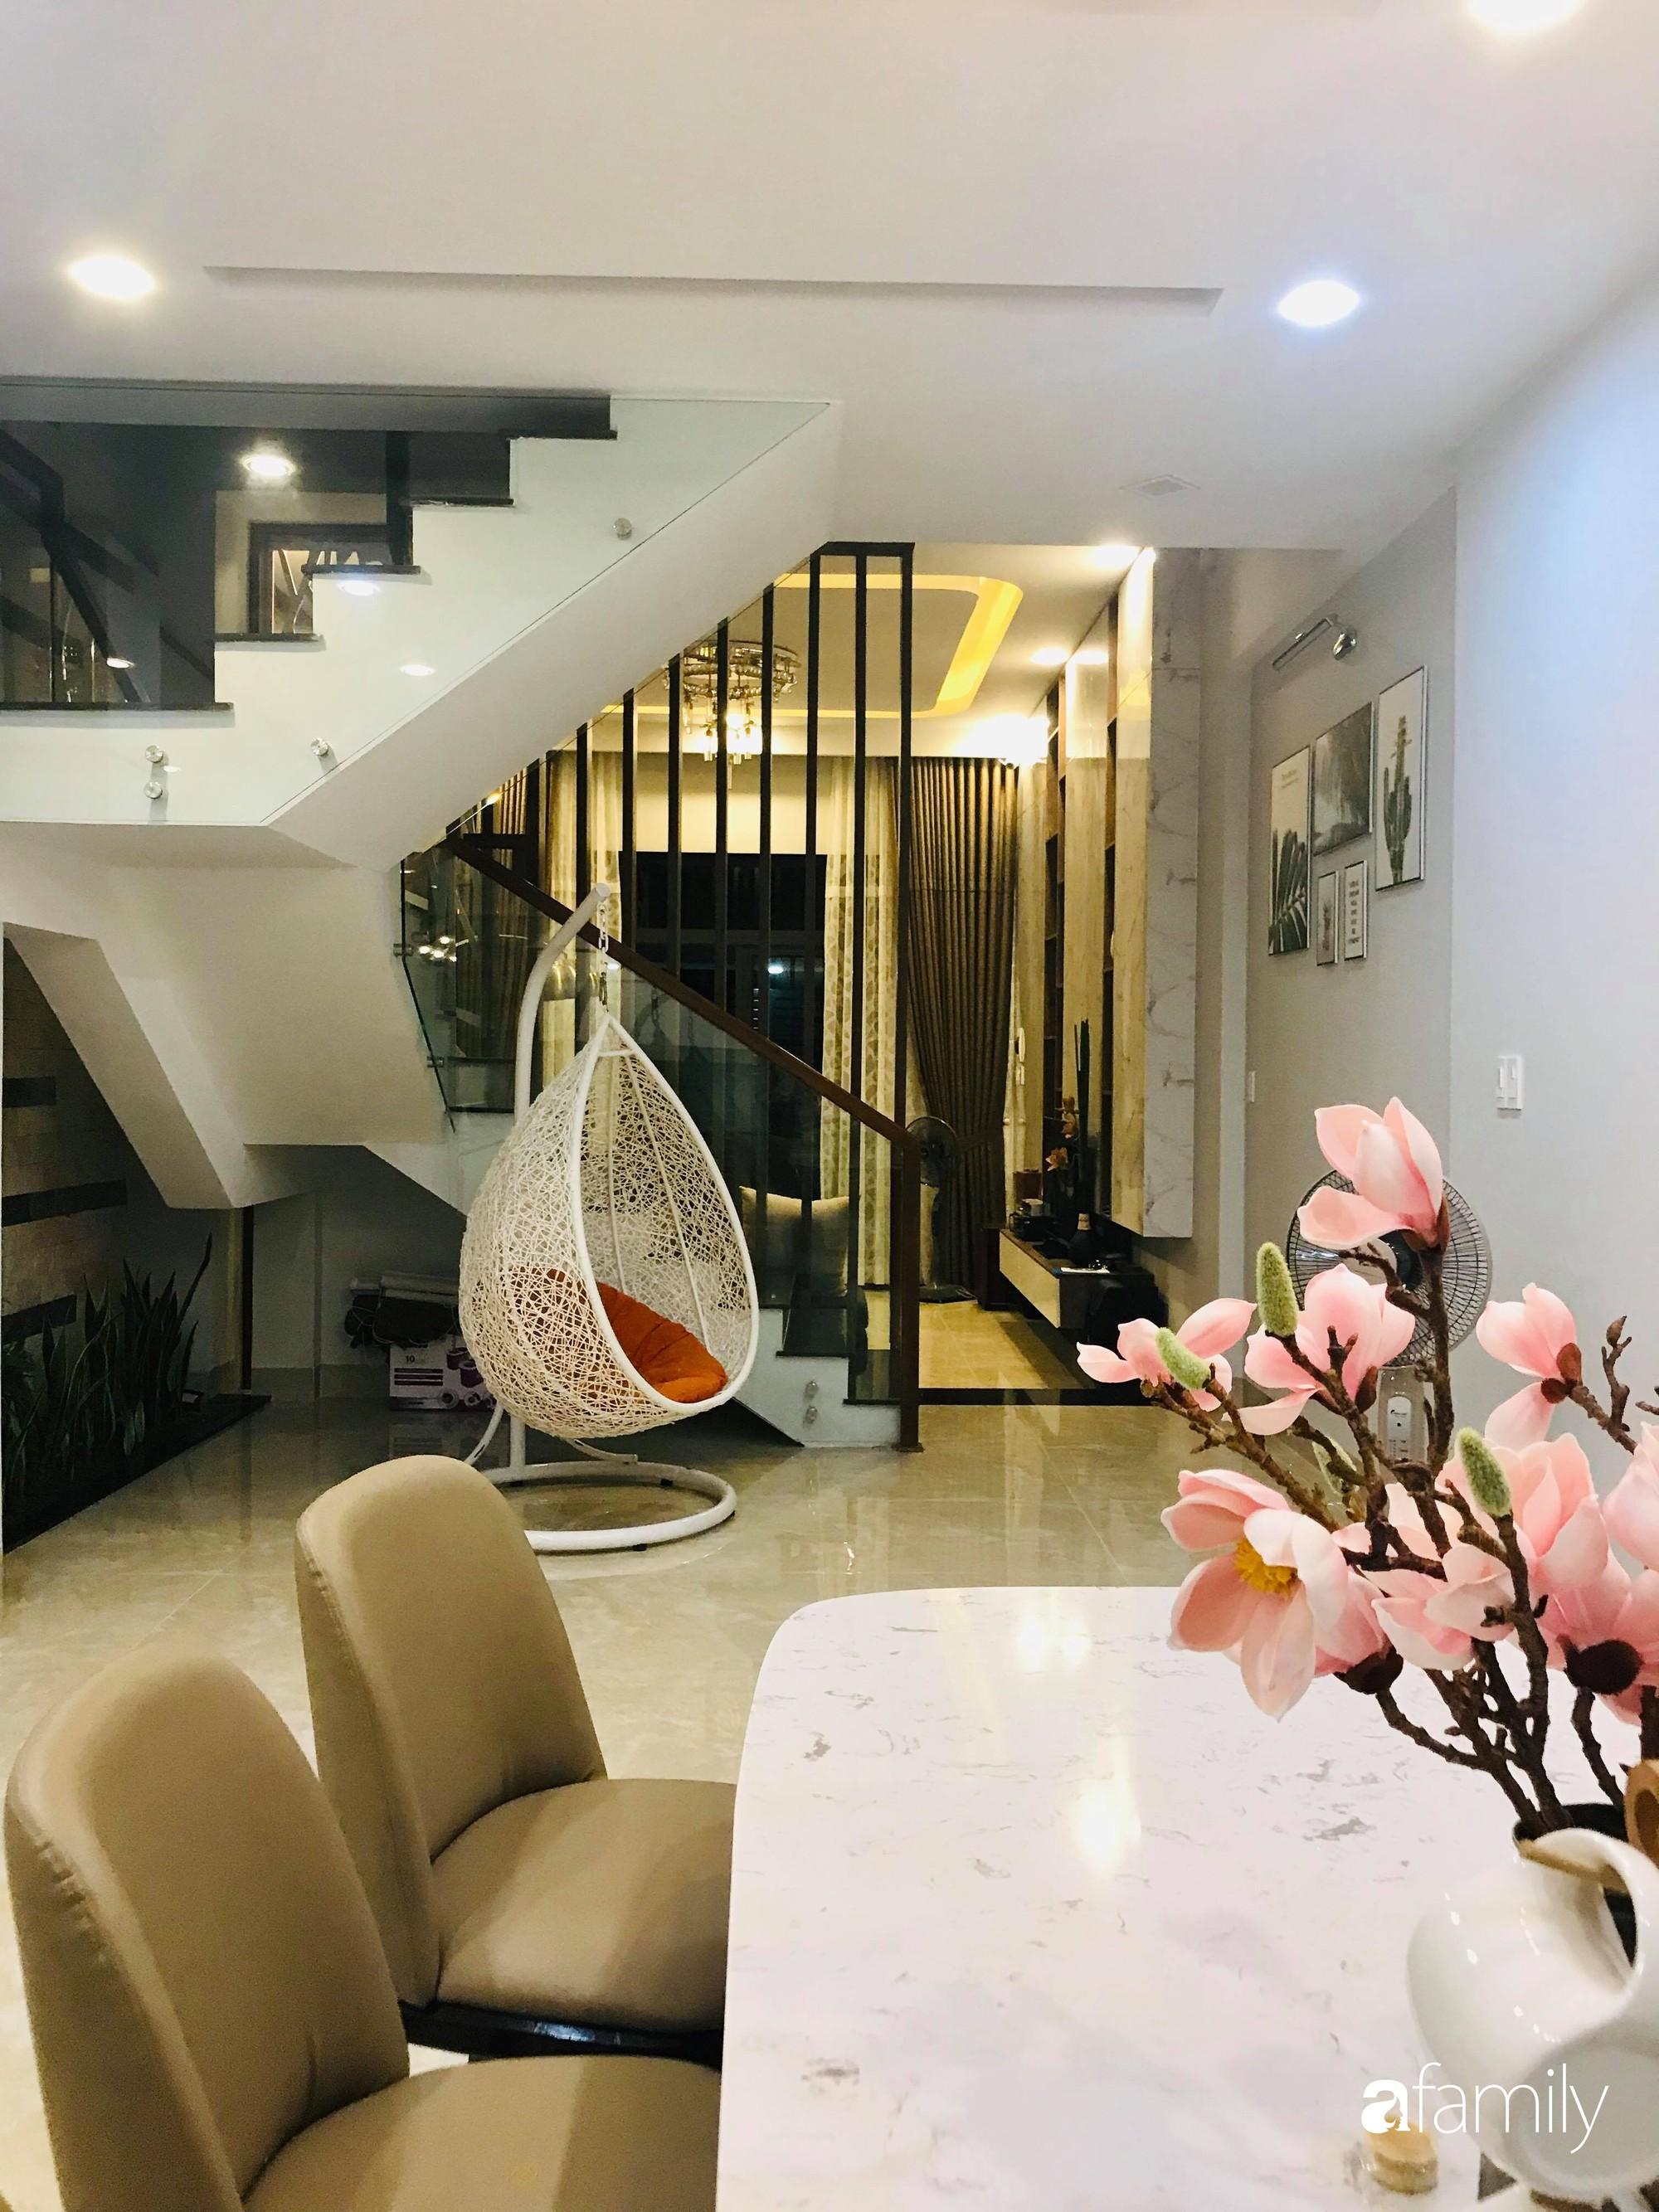 Ngôi nhà phố đong đầy hạnh phúc được thiết kế theo lối kiến trúc hiện đại của cô giáo ở Quảng Ngãi - Hình 14